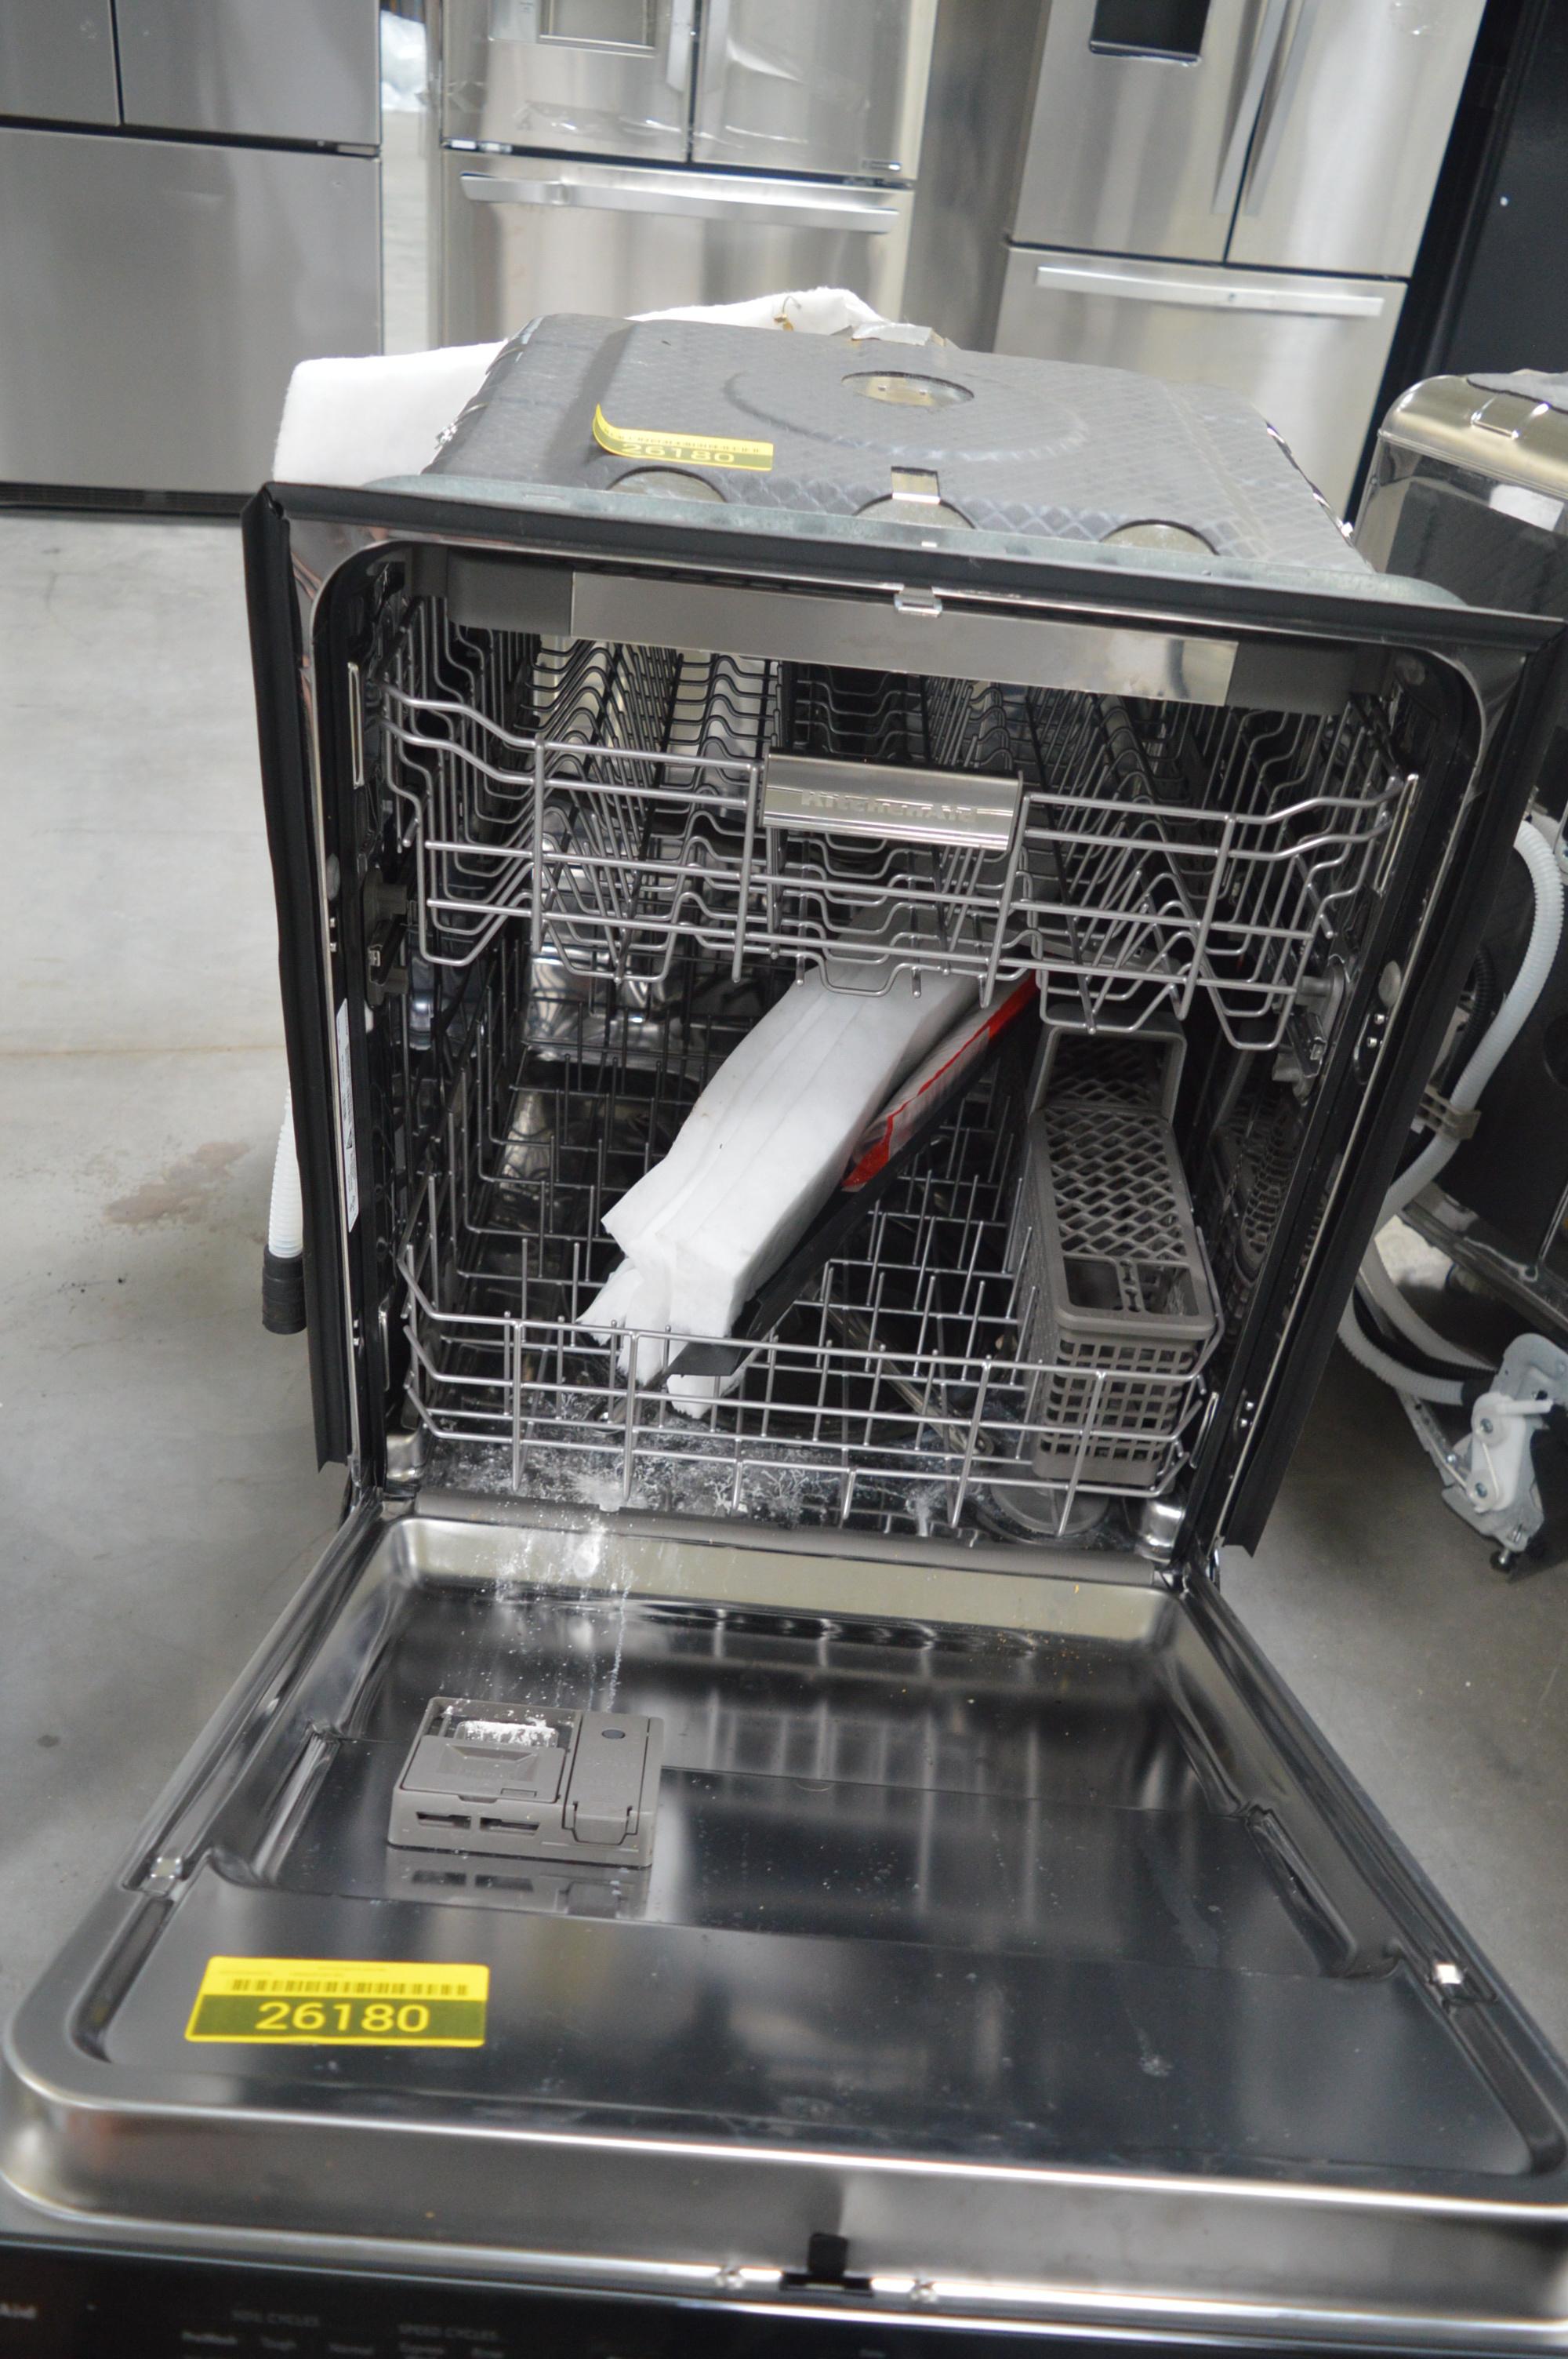 Kitchenaid Kdpe234gps 24 Stainless Fully Integrated Dishwasher Nob 26180 Mad